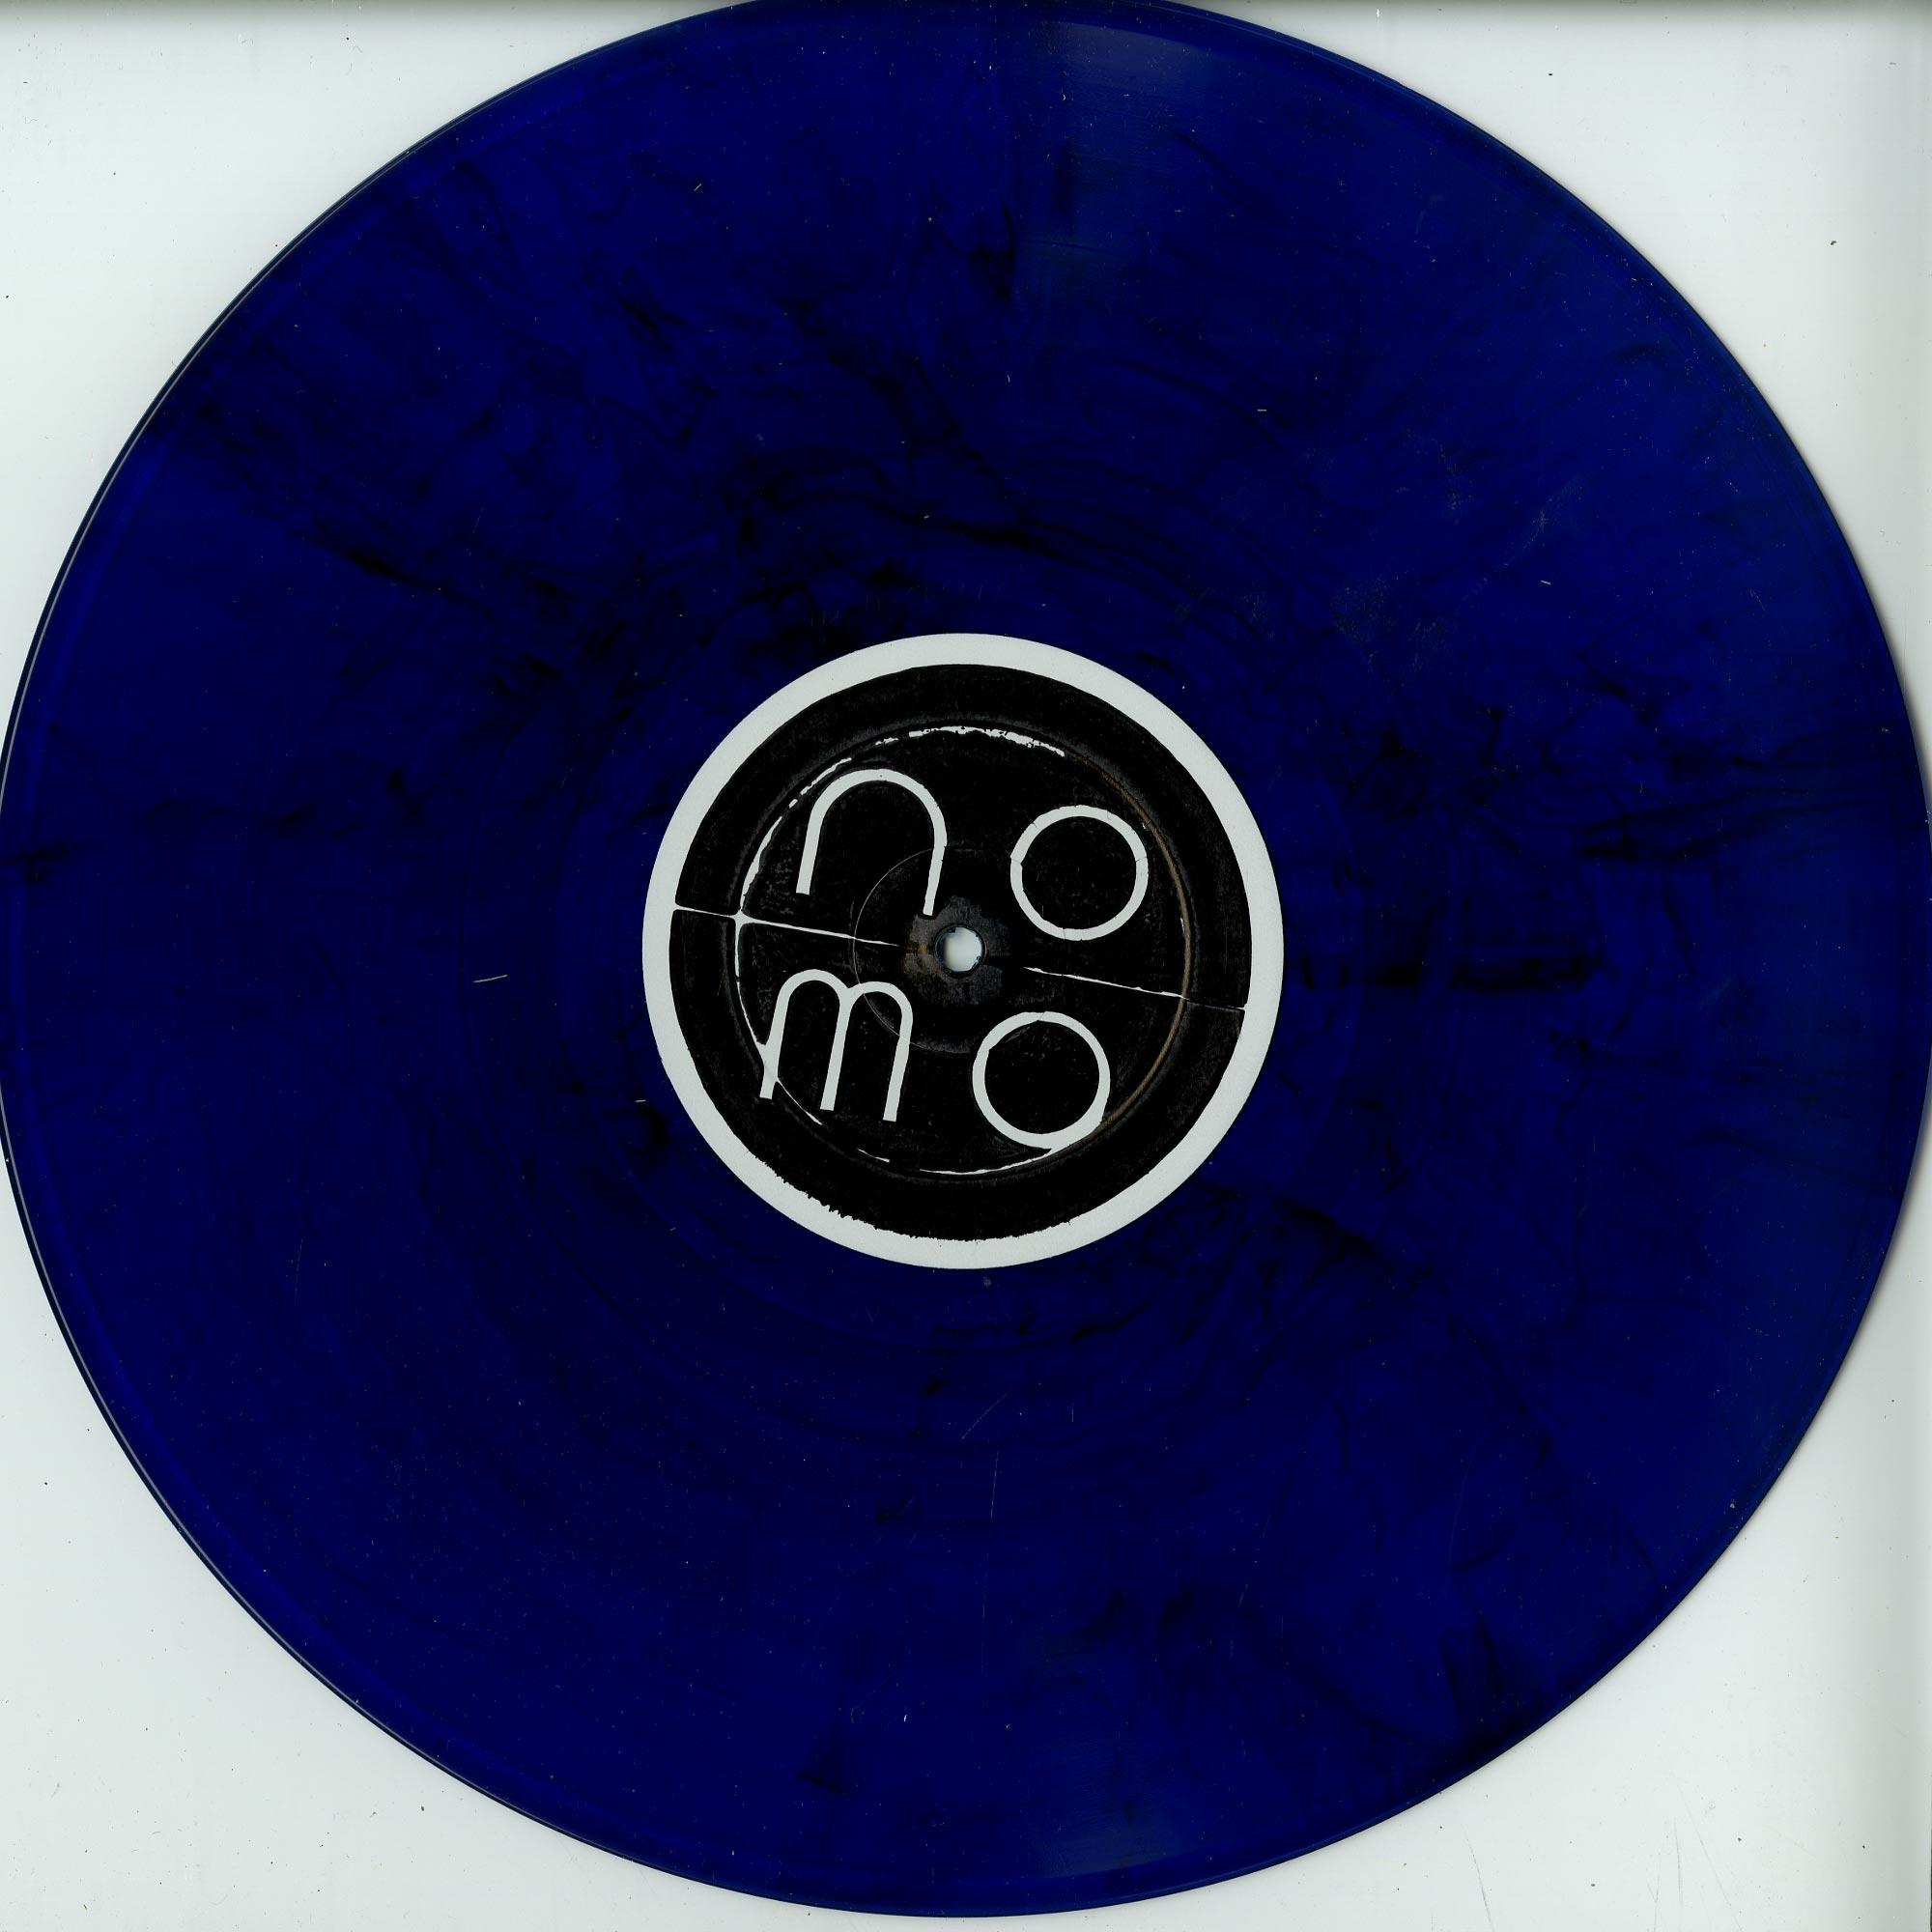 Unknown - NOMO 002